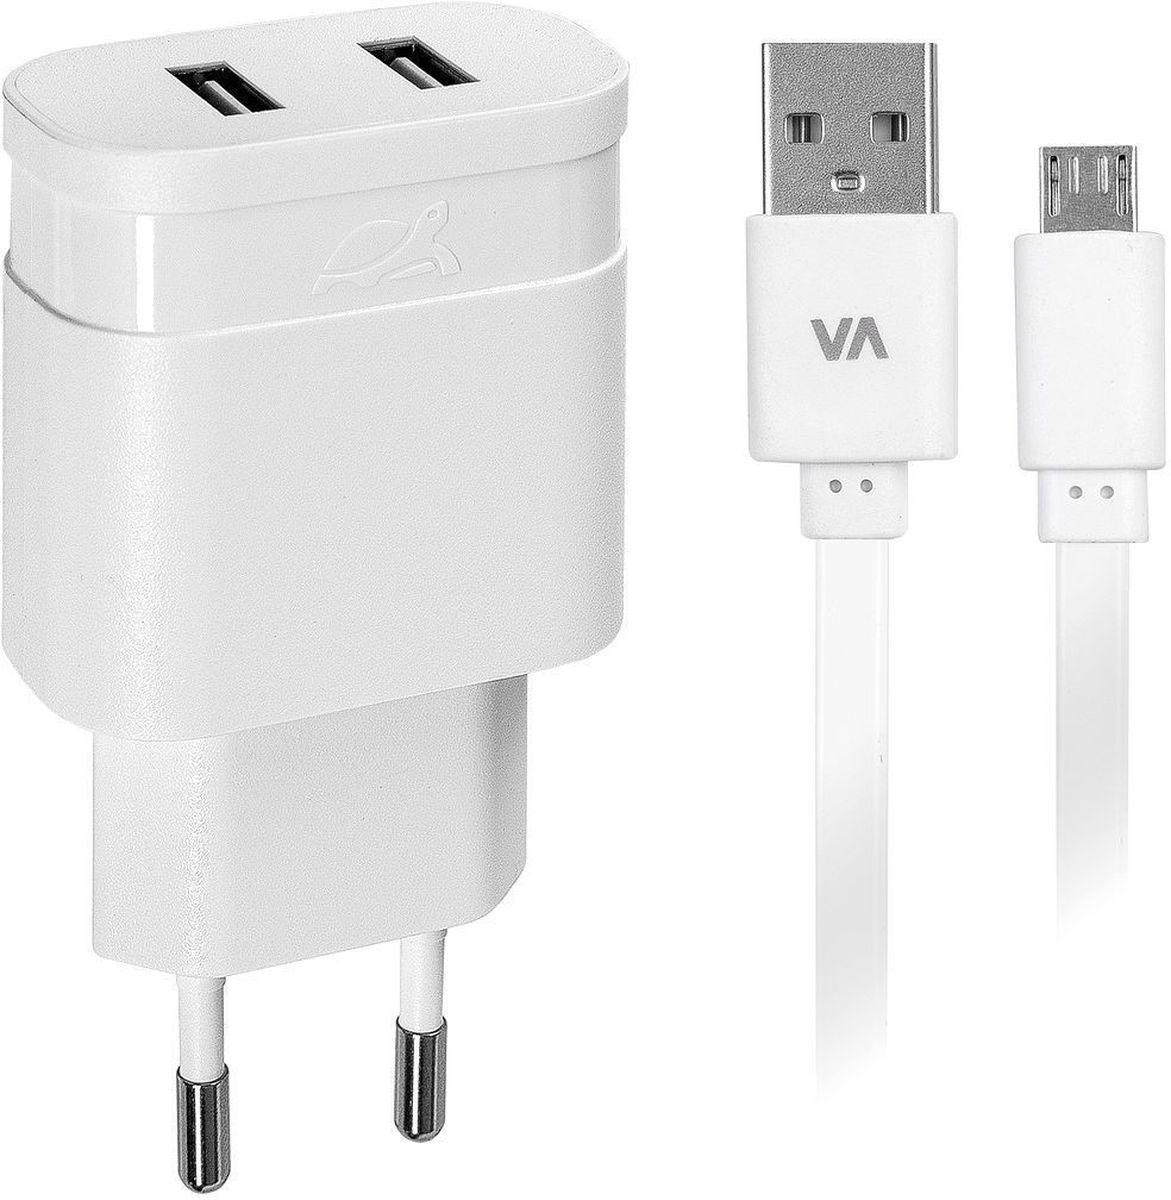 Rivapower VA4122 WD1, White сетевое зарядное устройствоVA4122 WD1Универсальное сетевое зарядное устройство Rivapower VA4122 WD1 совместимо со всеми устройствами, использующими USB порт для зарядки своих аккумуляторов. Позволяет заряжать 2 устройства одновременно, занимая всего одну розетку. Высококачественные компоненты, встроенные фильтры, защита от скачков напряжения, защита от перегрузки, перегрева и короткого замыкания делают процесс зарядки быстрым, эффективным и безопасным. Корпус сделан из негорючего пластика, устойчивого к механическим повреждениям. Компактные размеры зарядного устройства позволяют свободно пользоваться соседними розетками и делают его очень удобным в поездках. В комплект входит дата-кабель microUSB длиной 1 метр.